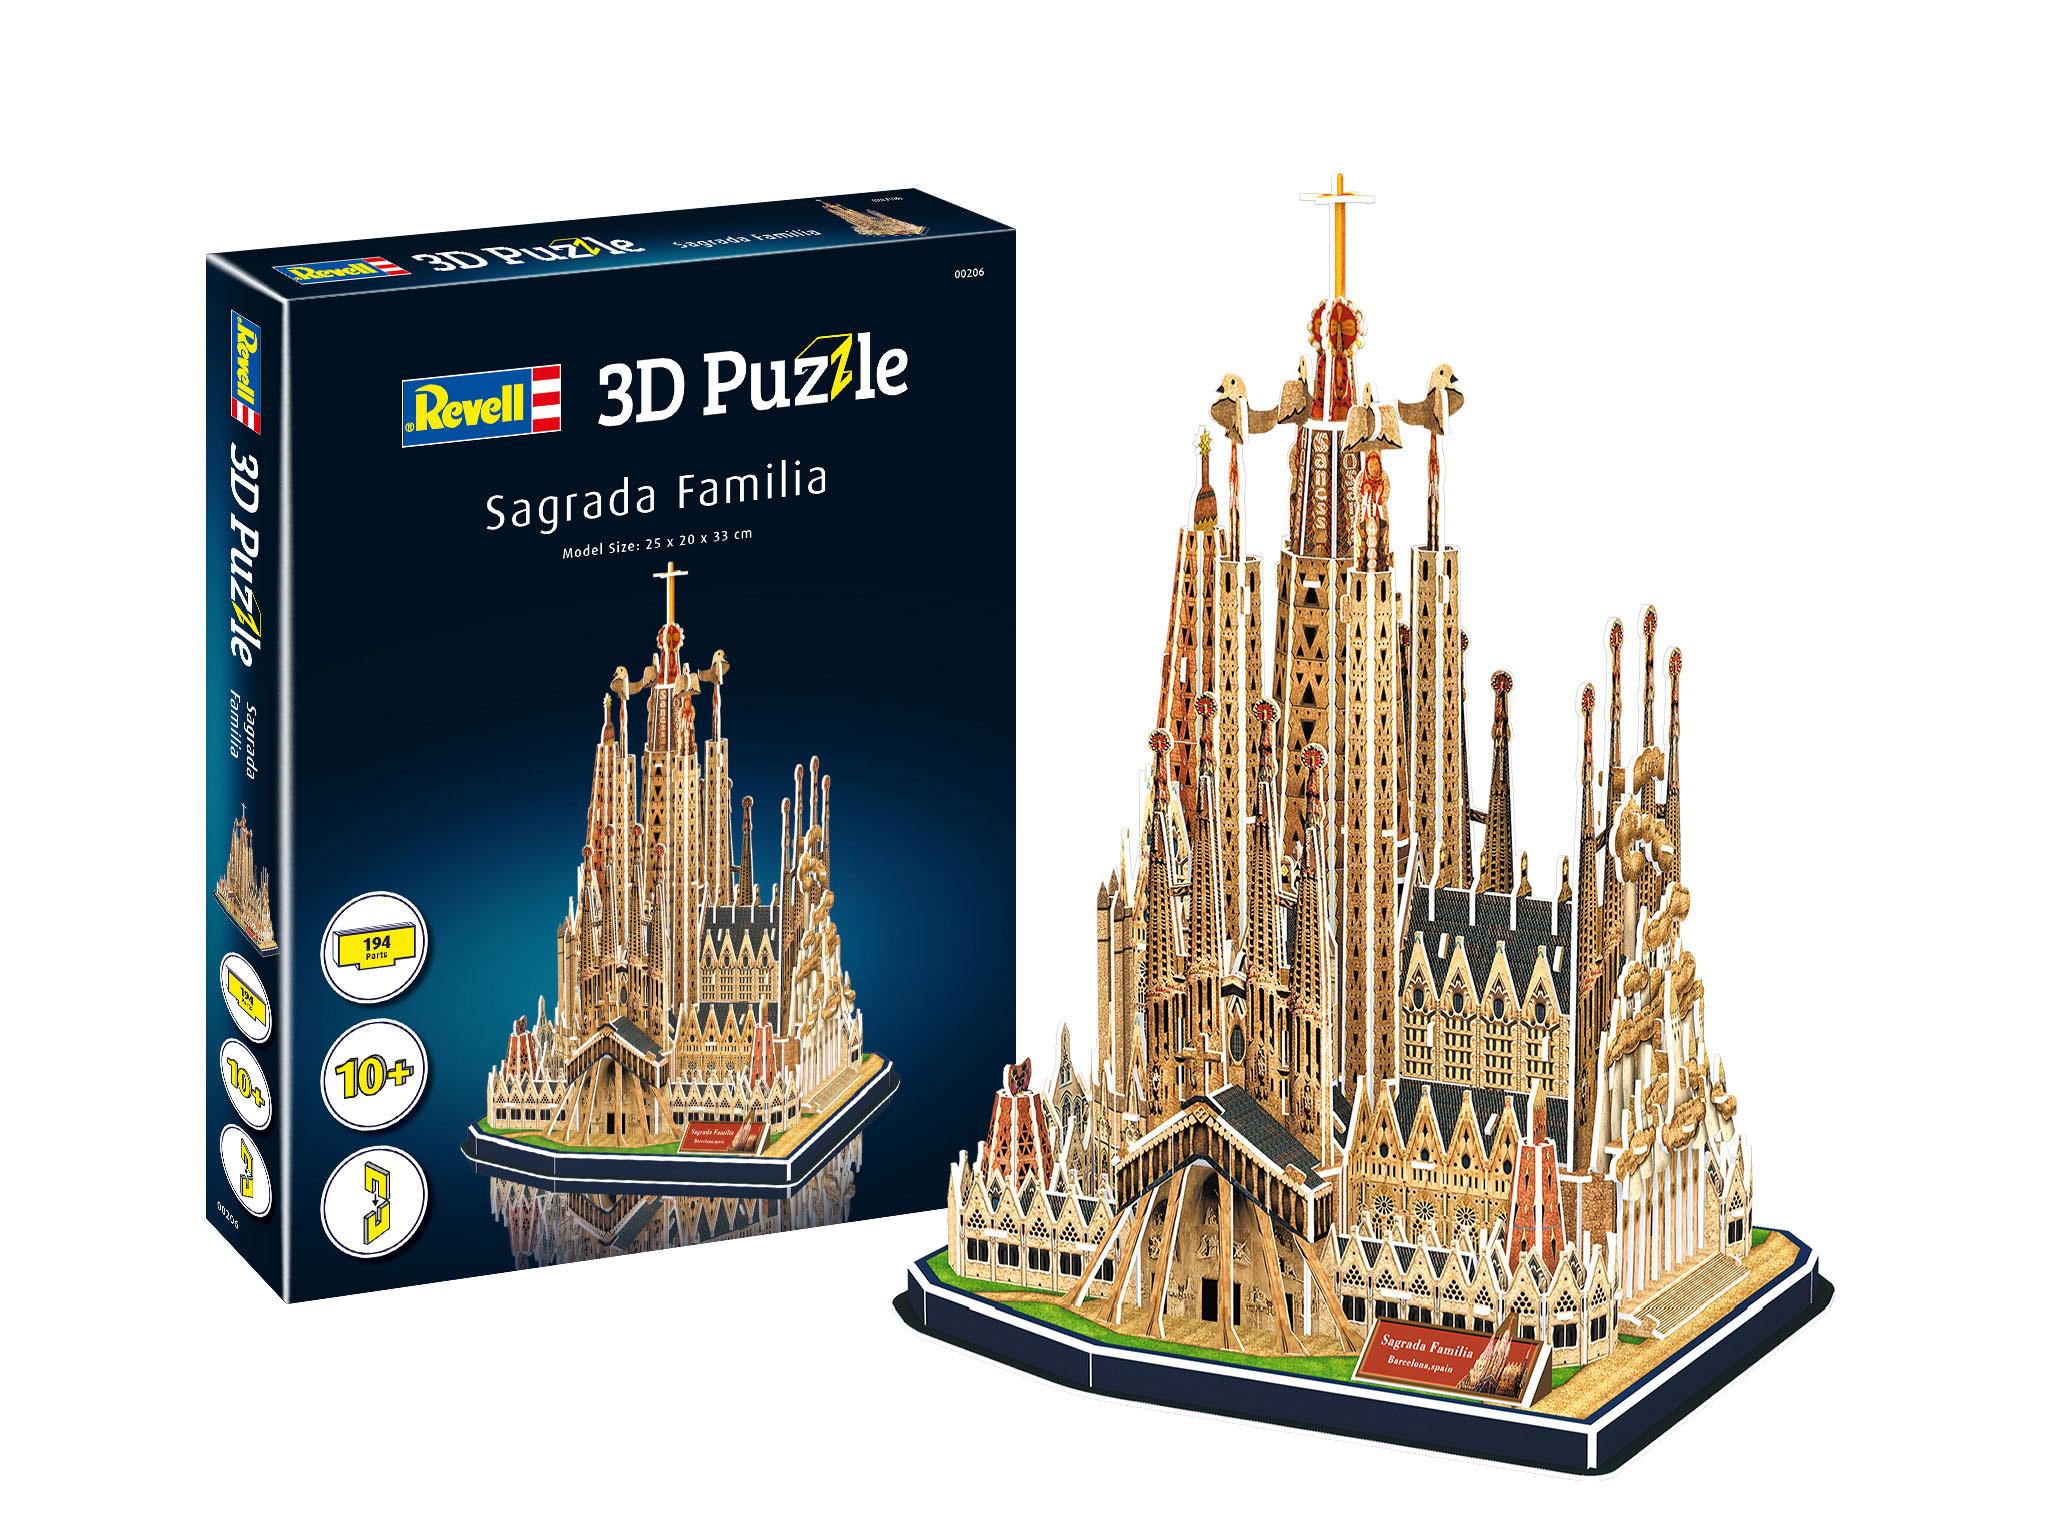 Revell 3D Puzzle - Sagrada Familia 00206